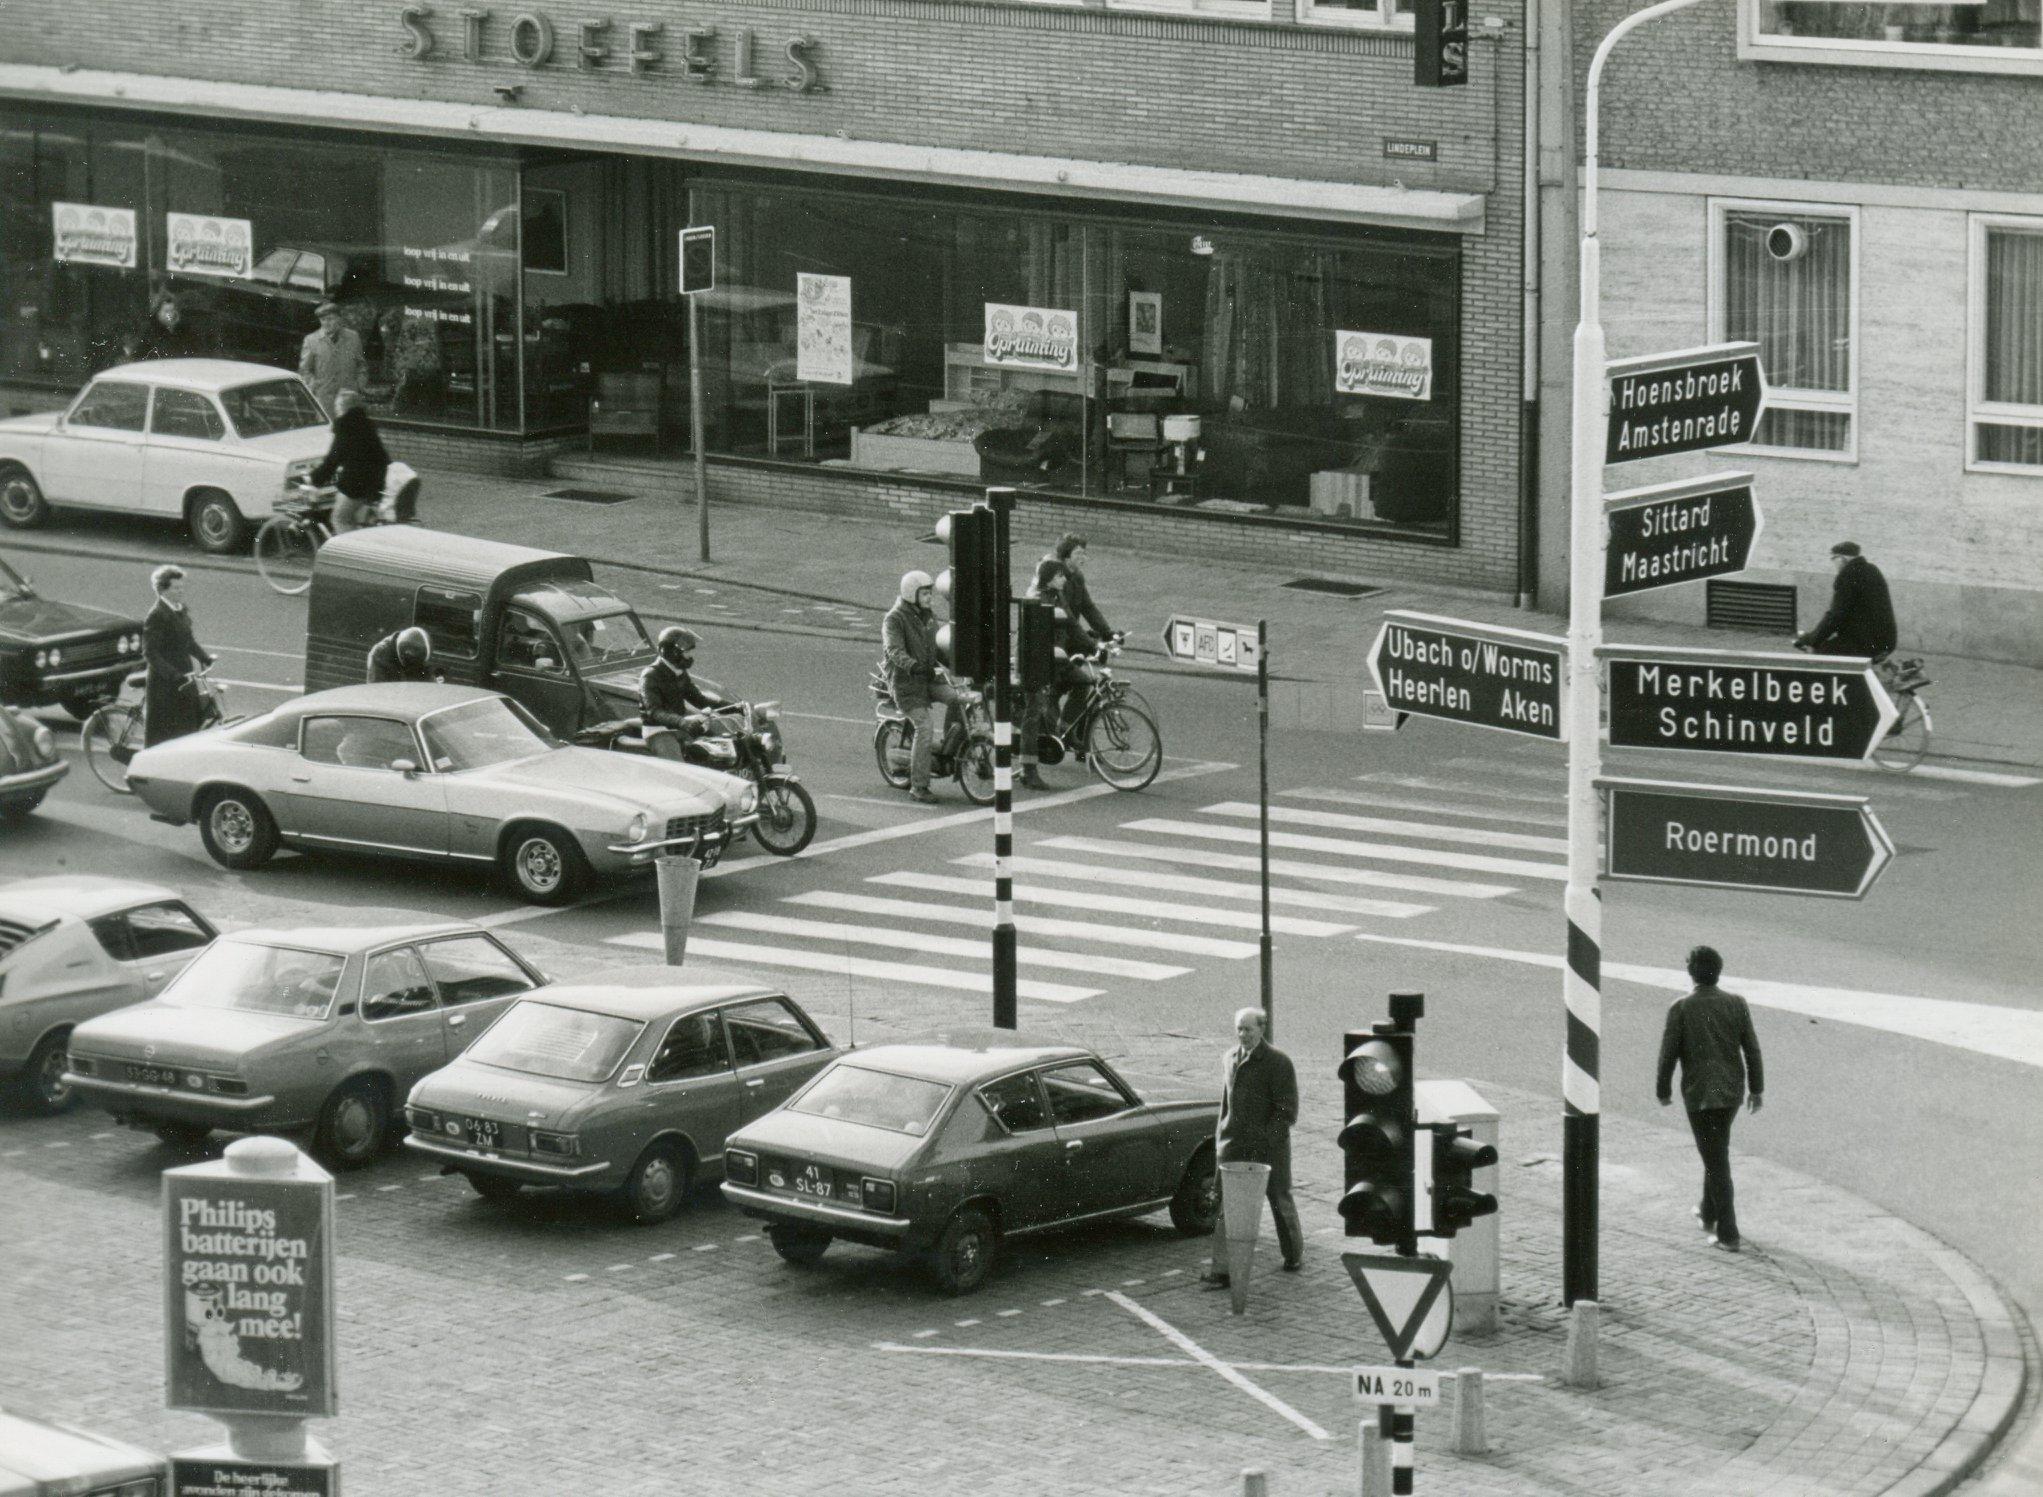 1977-antoon-kh-adriaens-foto